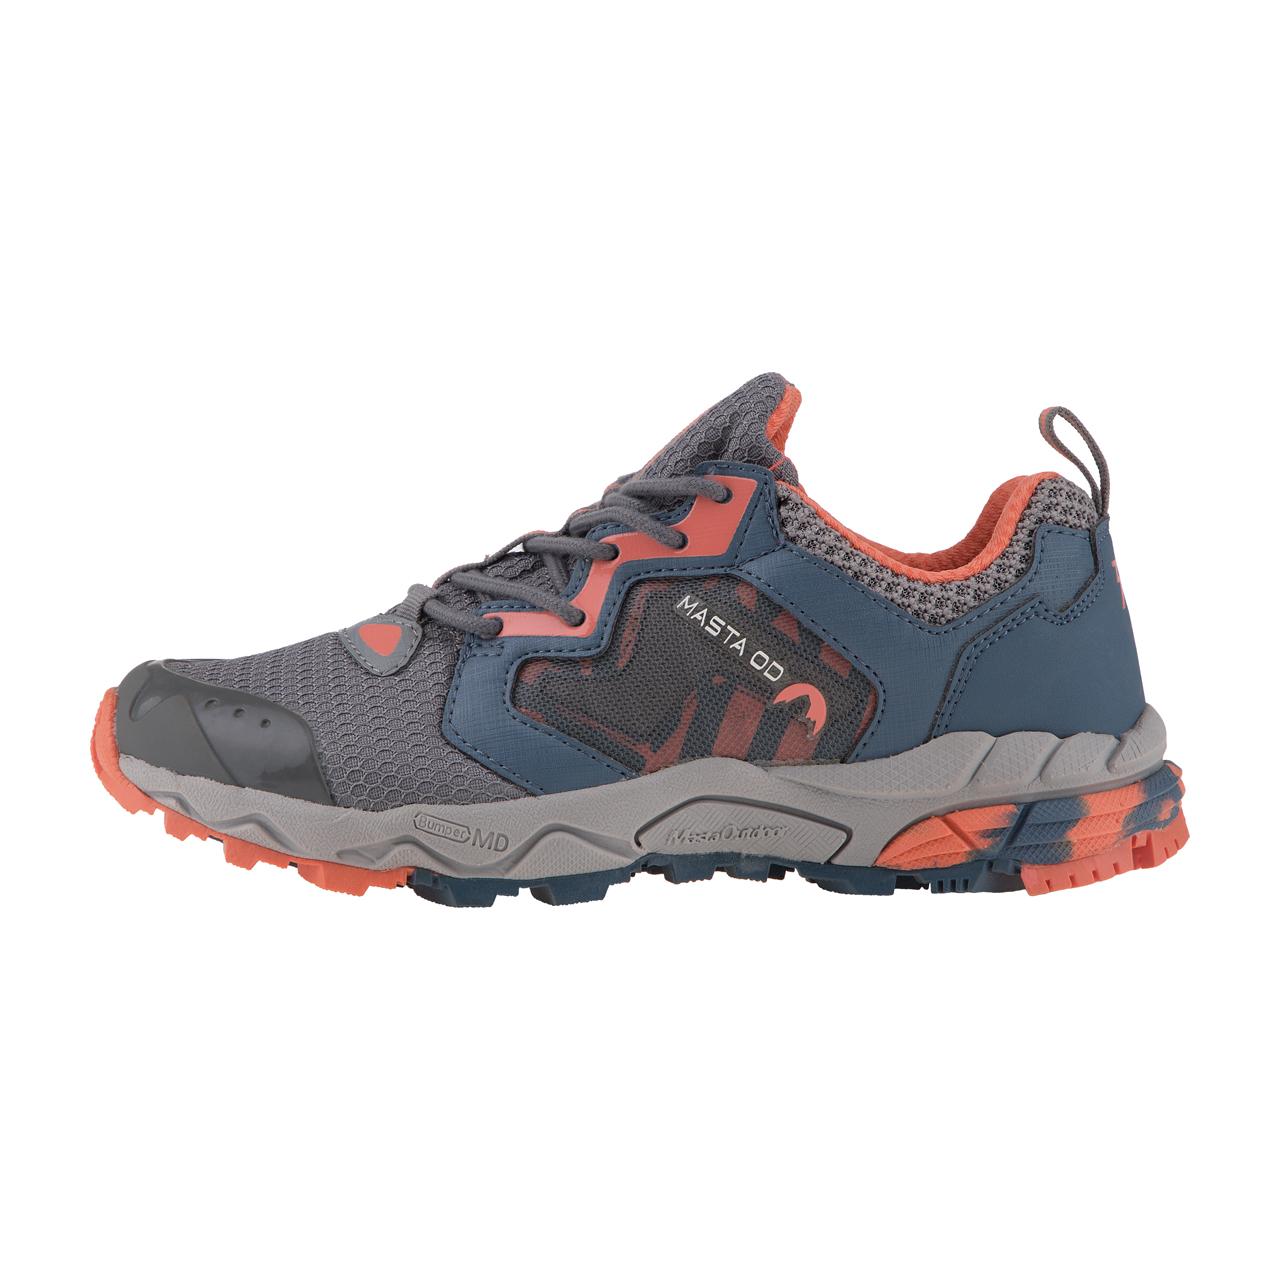 خرید اینترنتی                     کفش کوهنوردی زنانه 361 درجه کد 3 - 581633316